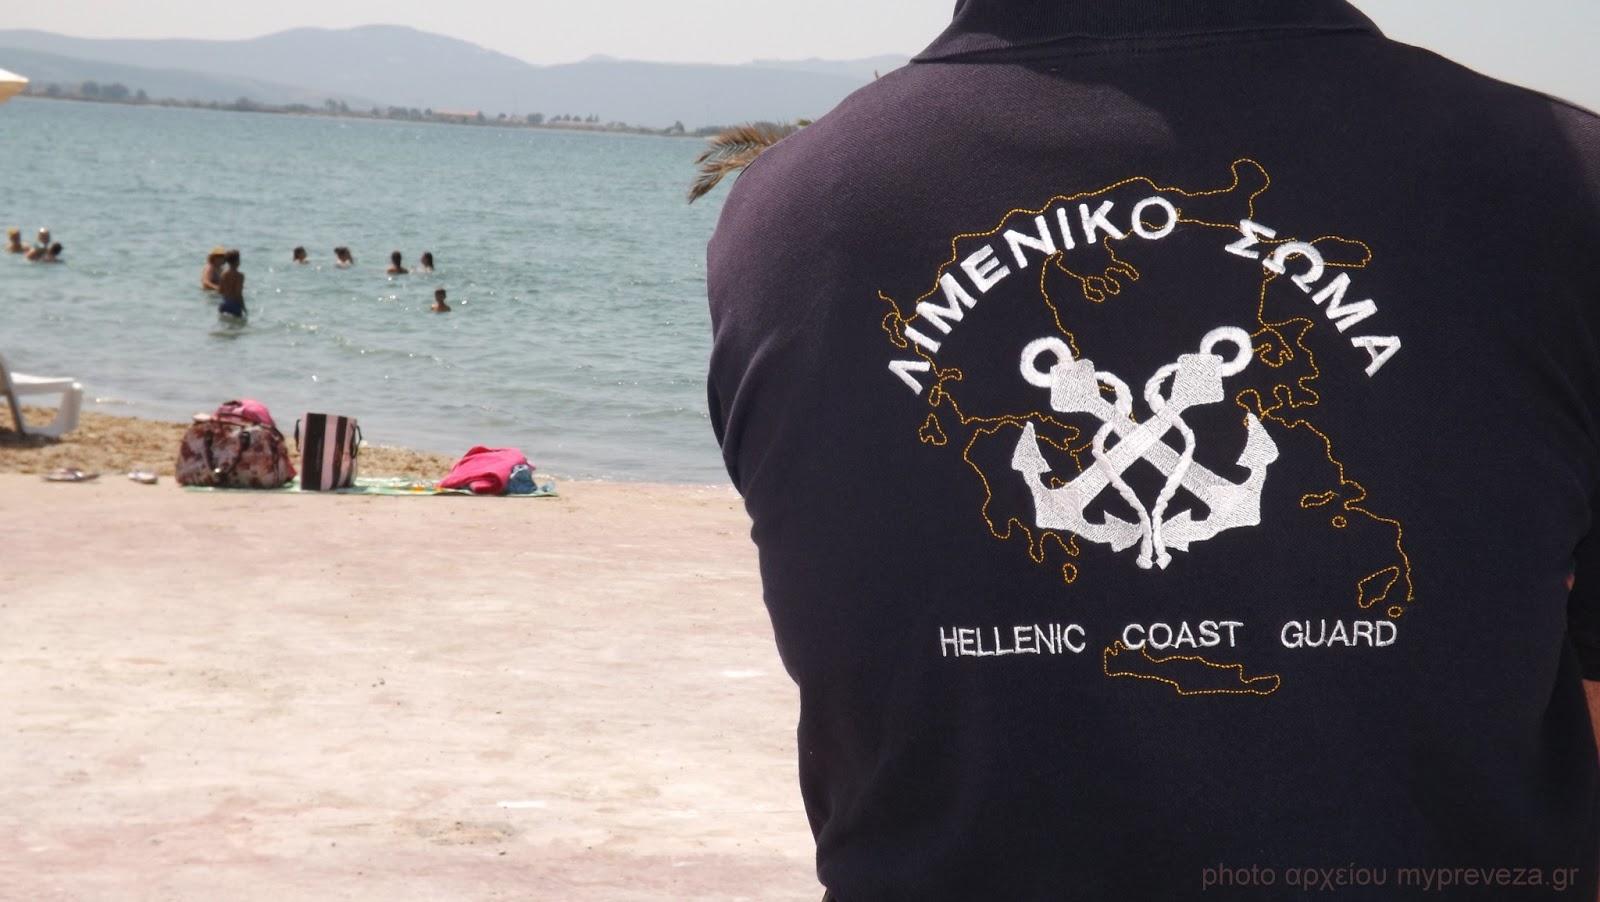 Σαρωτικοί οι έλεγχοι σε Μύκονο και άλλα νησιά